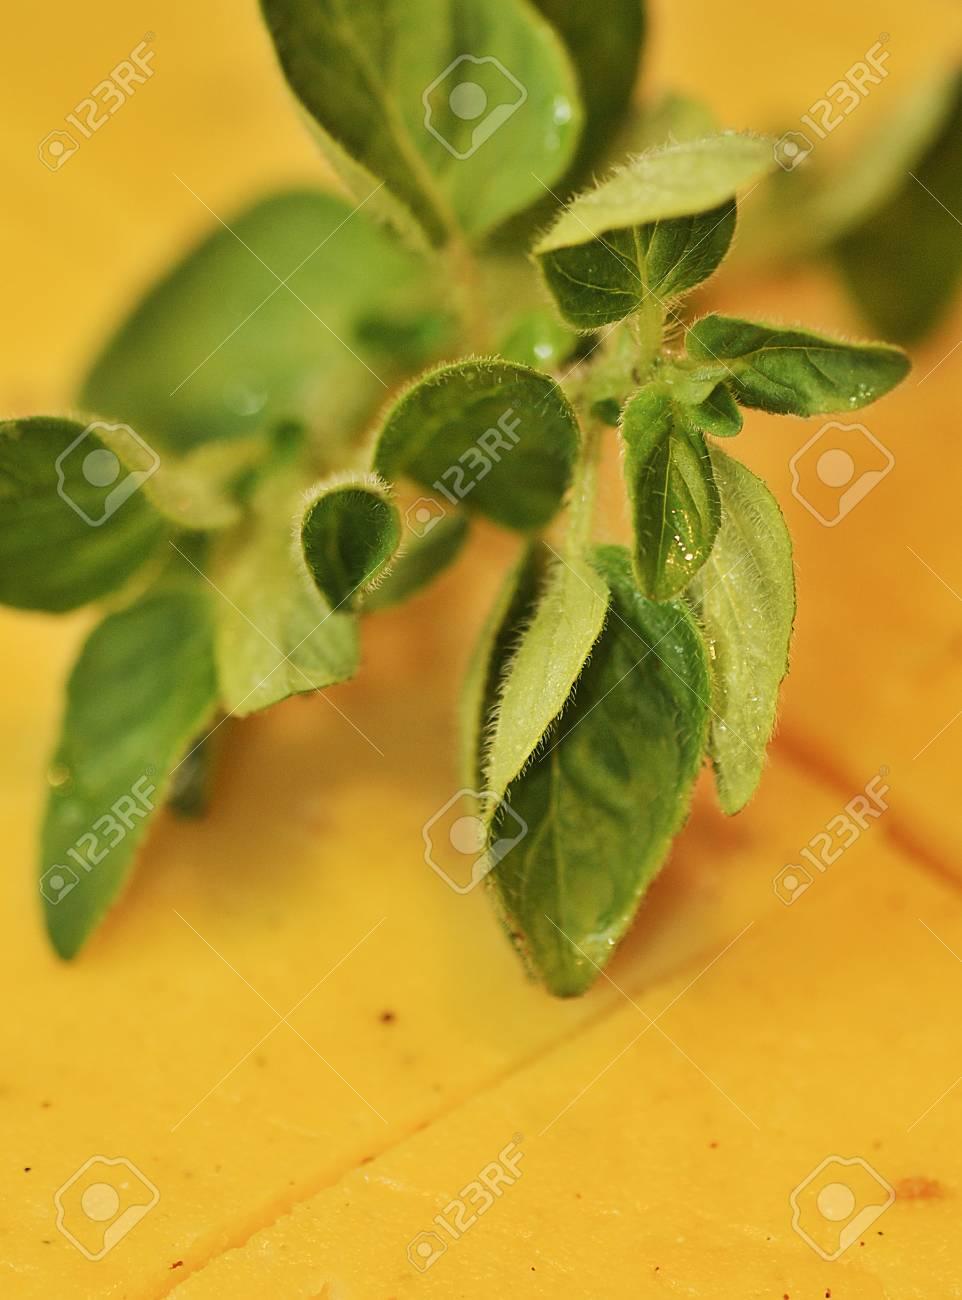 polenta garnished with oregano Stock Photo - 8278858